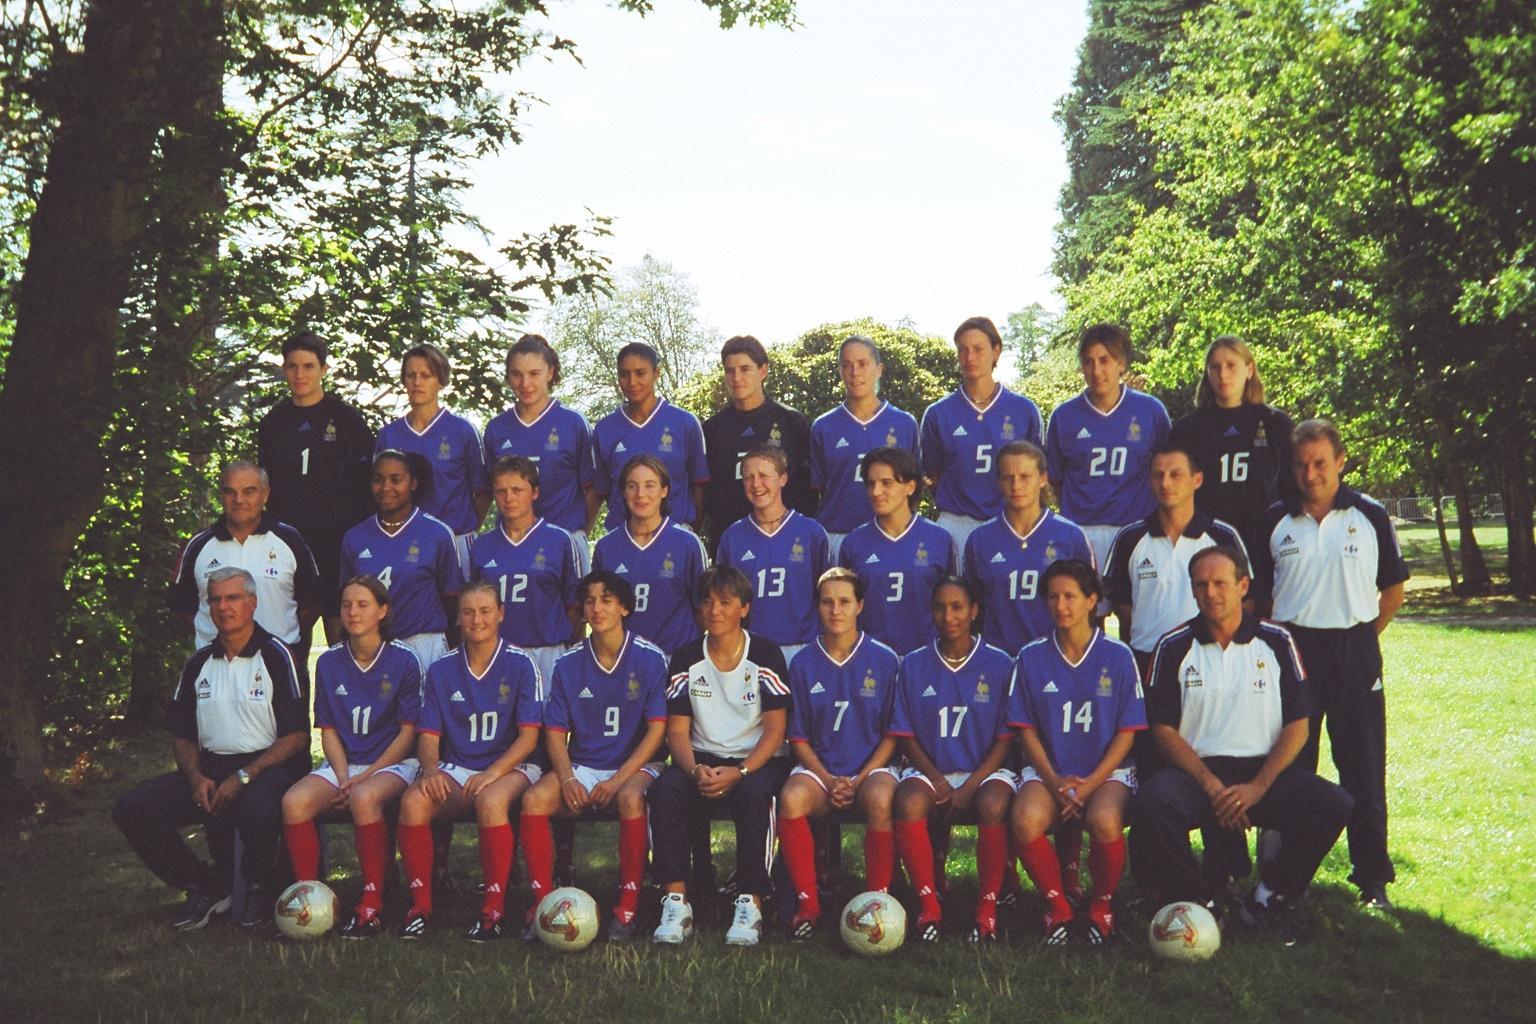 Les Bleues lors de la photo officielle le 5 septembre 2003 (photo : Sébastien Duret)